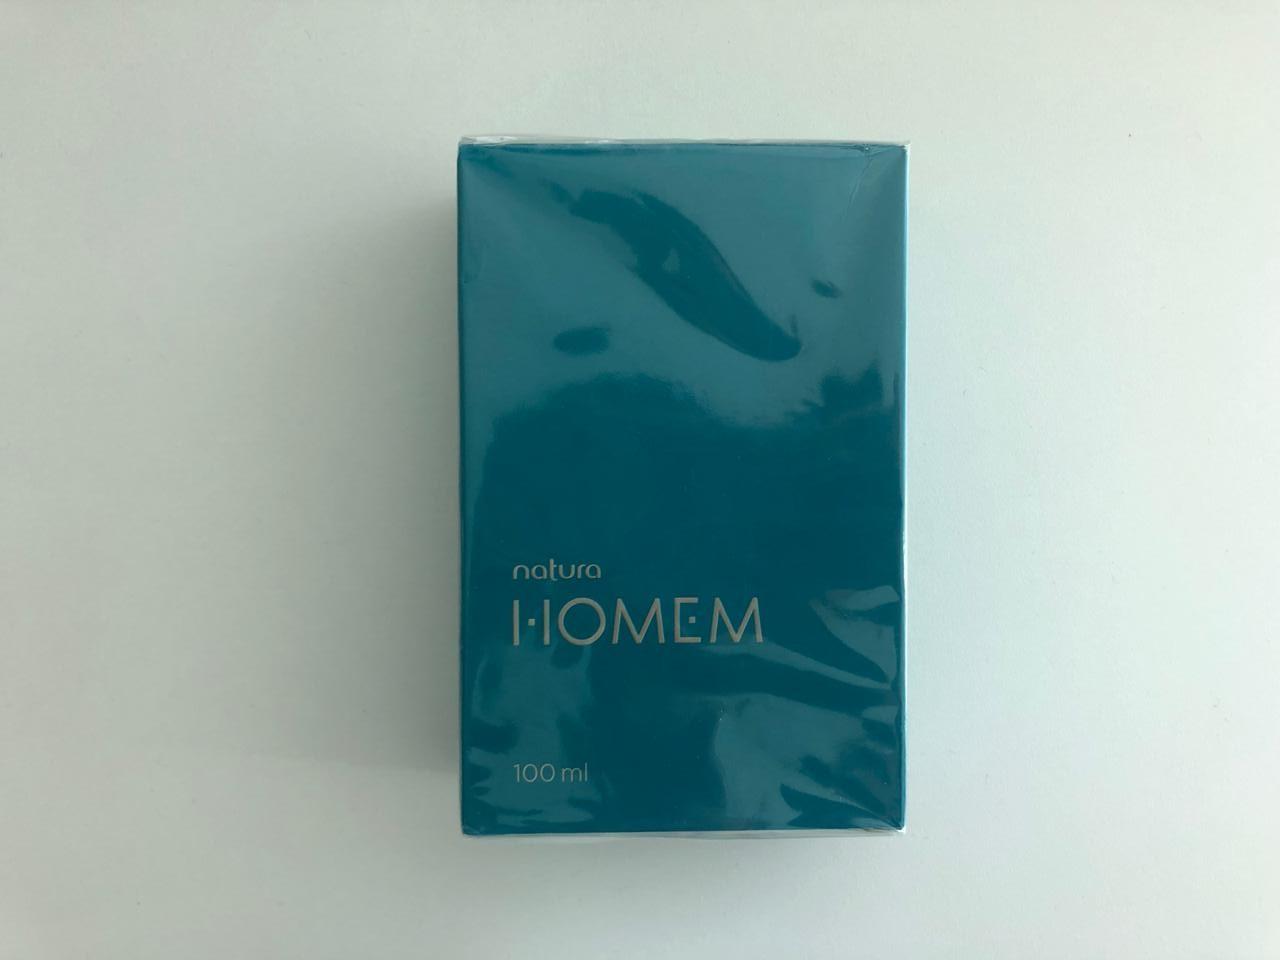 Este perfume Homem de Natura tiene notas Amaderado, Sensual, Cashmeran.